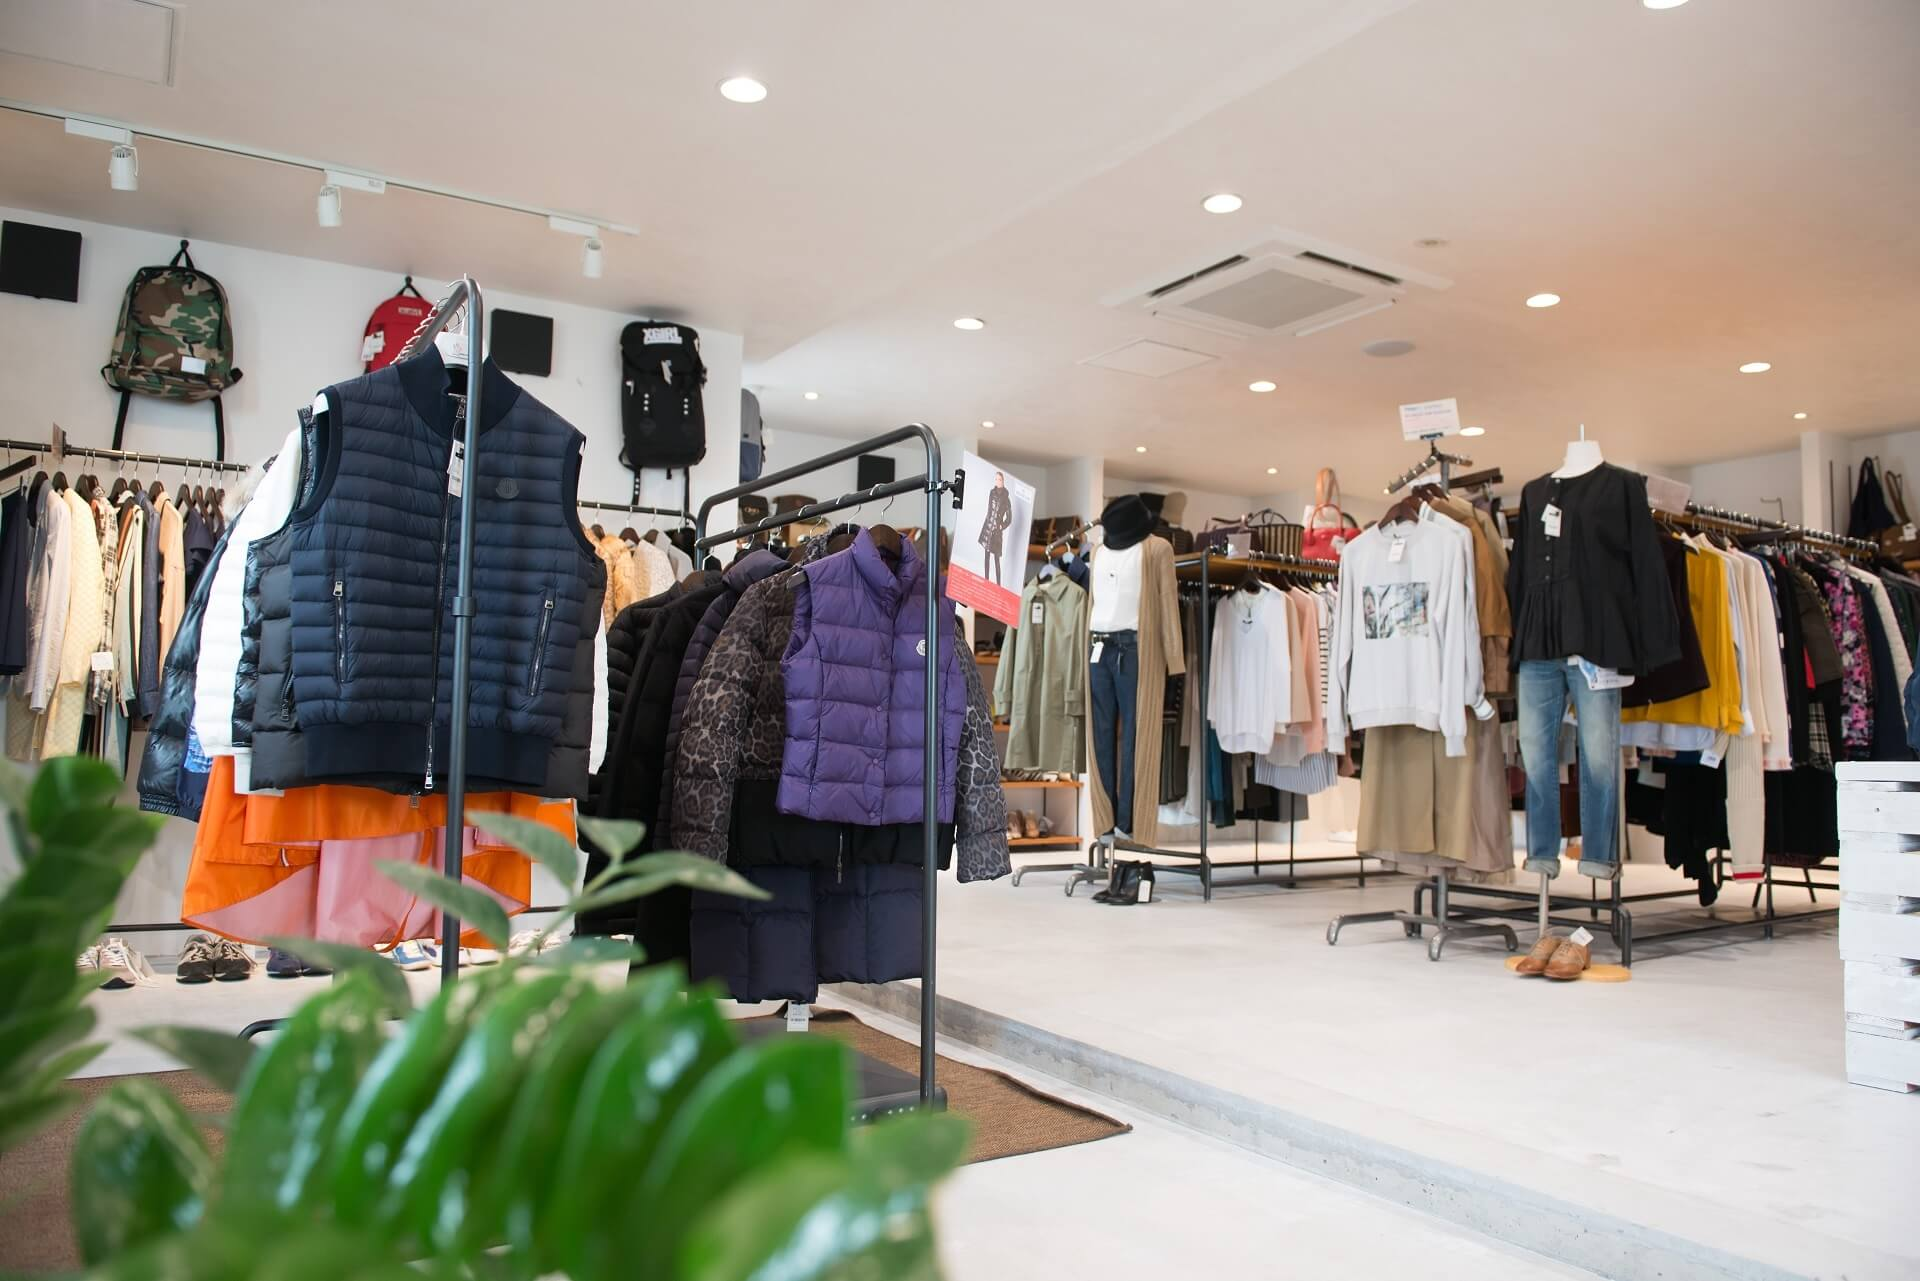 【20卒採用】リユース×ファッションの領域で「人」と「モノ」を繋ぐバイヤー職のカバー写真